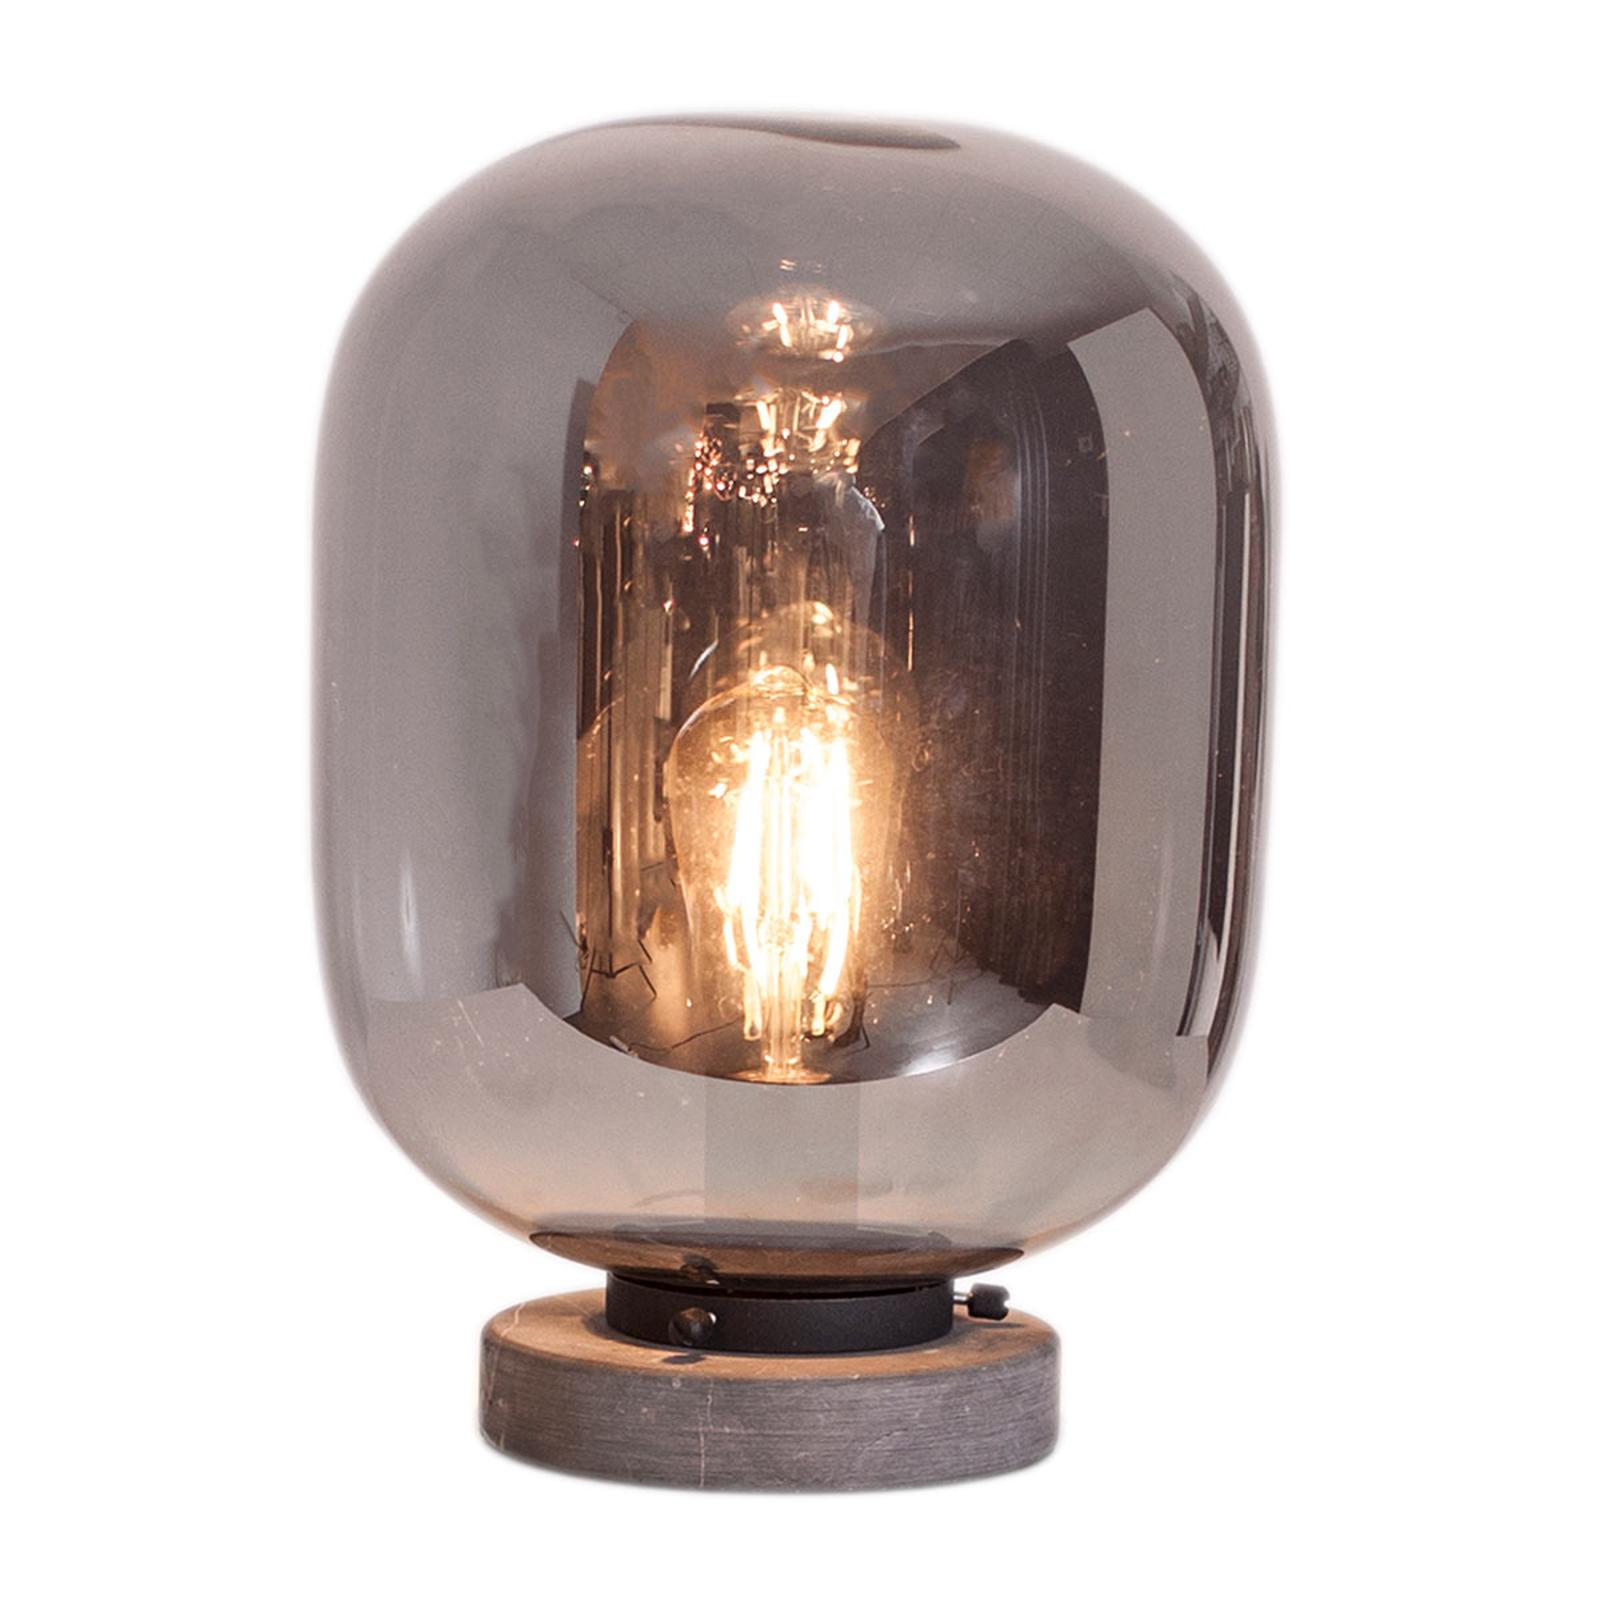 By Rydéns Leola glazen tafellamp in rookgrijs